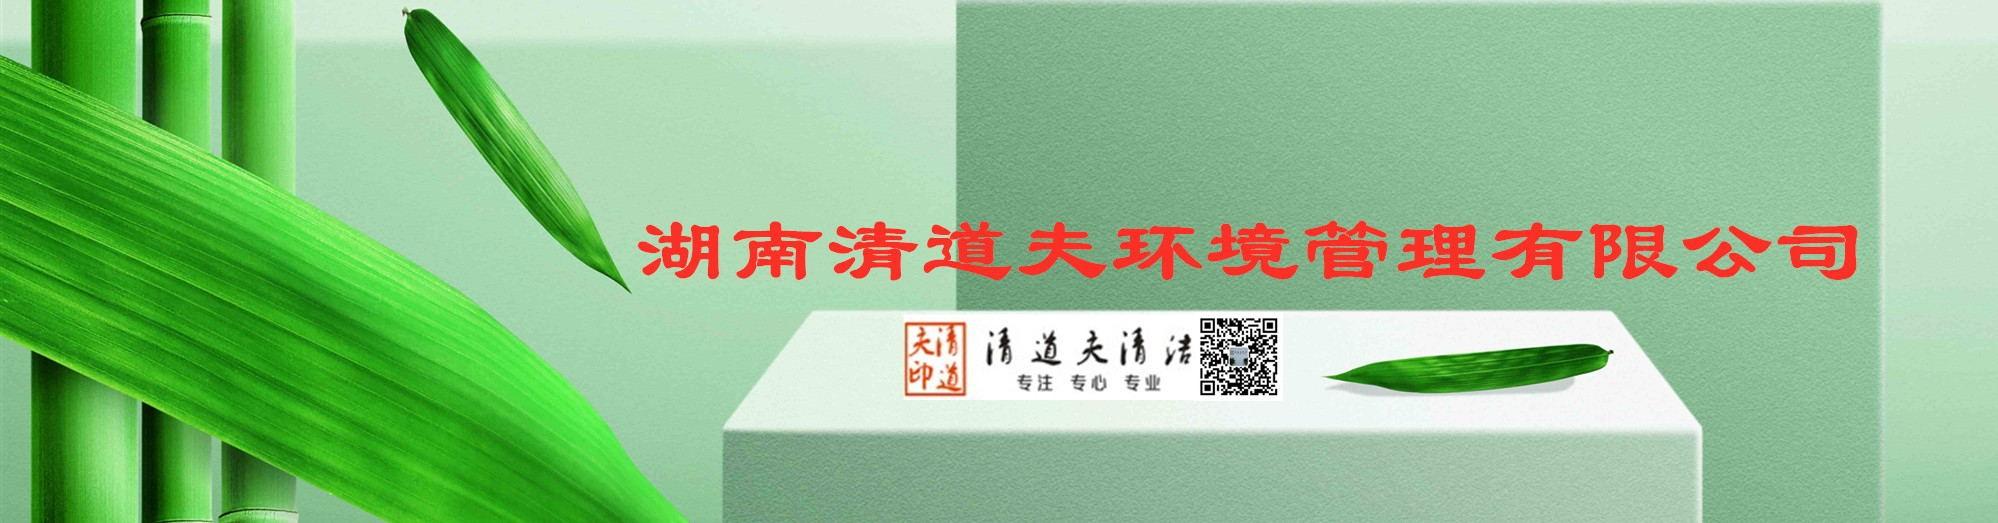 企业官方网站个性化定制方案